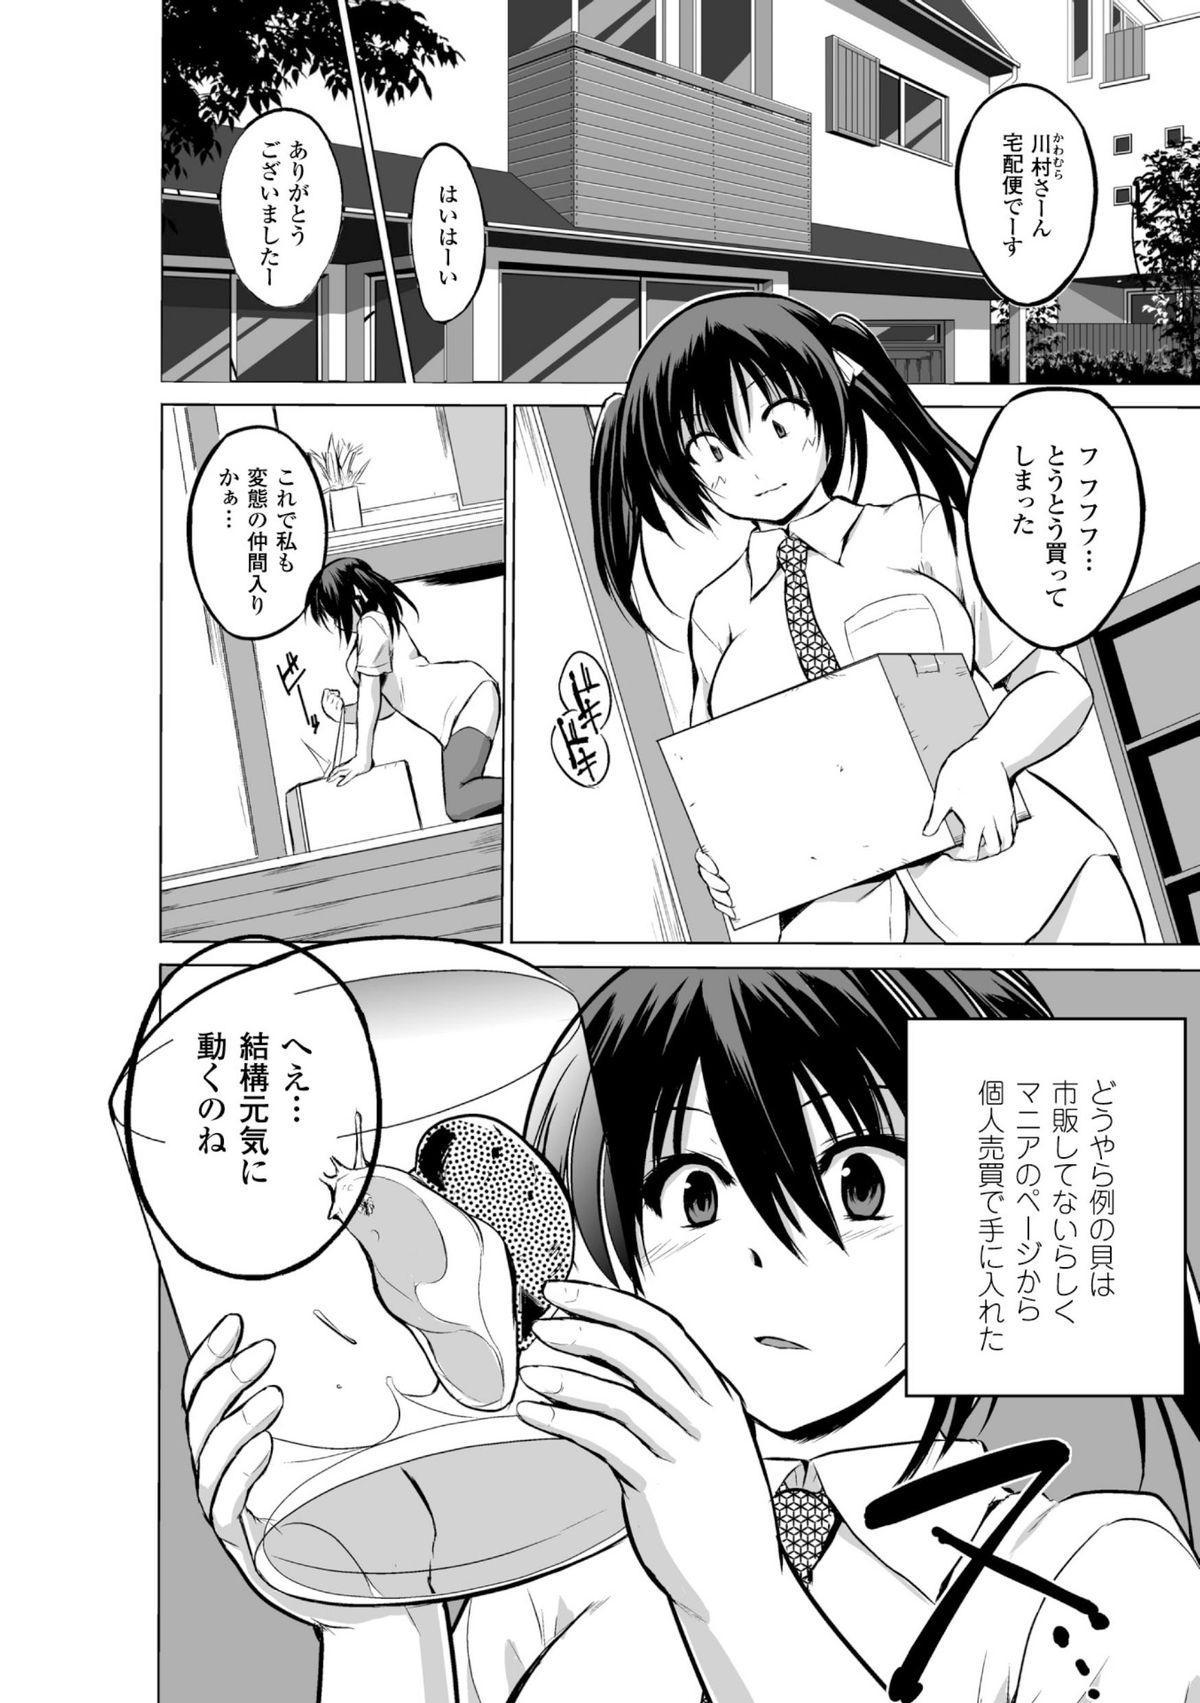 2D Comic Magazine Suisei Seibutsu ni Okasareru Heroine-tachi Vol. 1 23